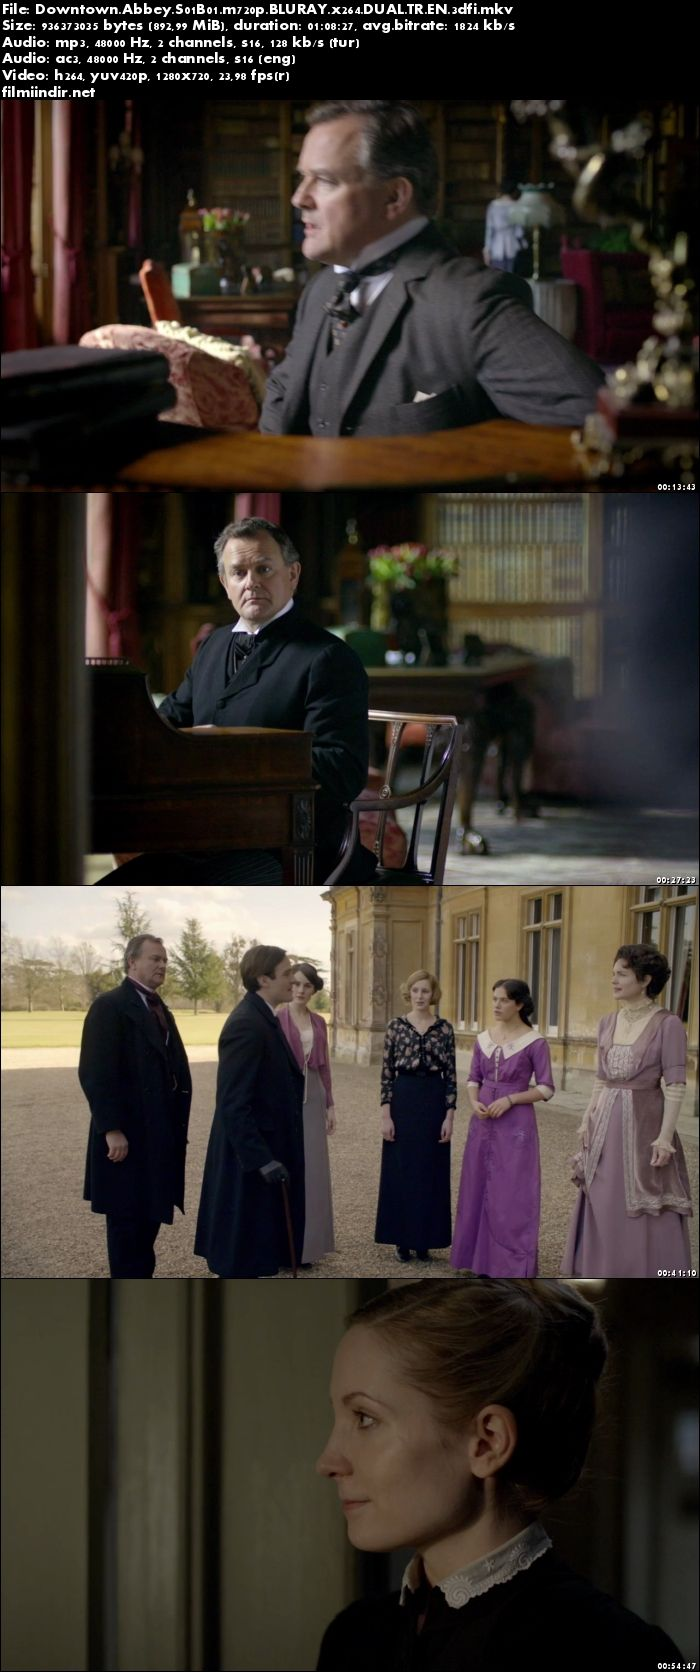 Downton Abbey (2010–) 1. Sezon Tüm Bölümler (m720p BluRay DUAL TR EN) - türkçe dublaj indir